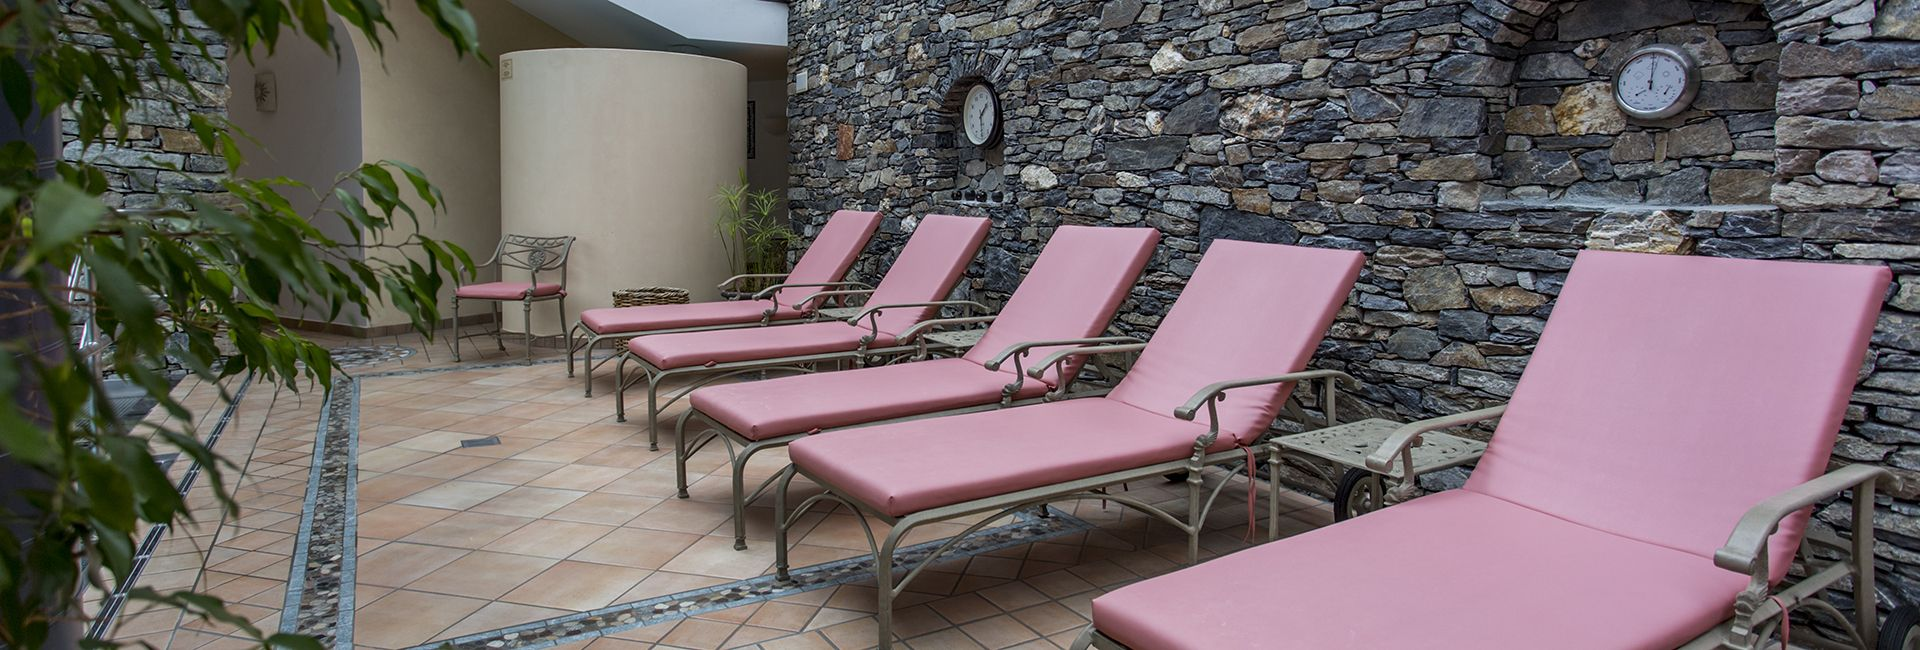 Ruheraum im Wellness Bereich Hotel Cresta Flims